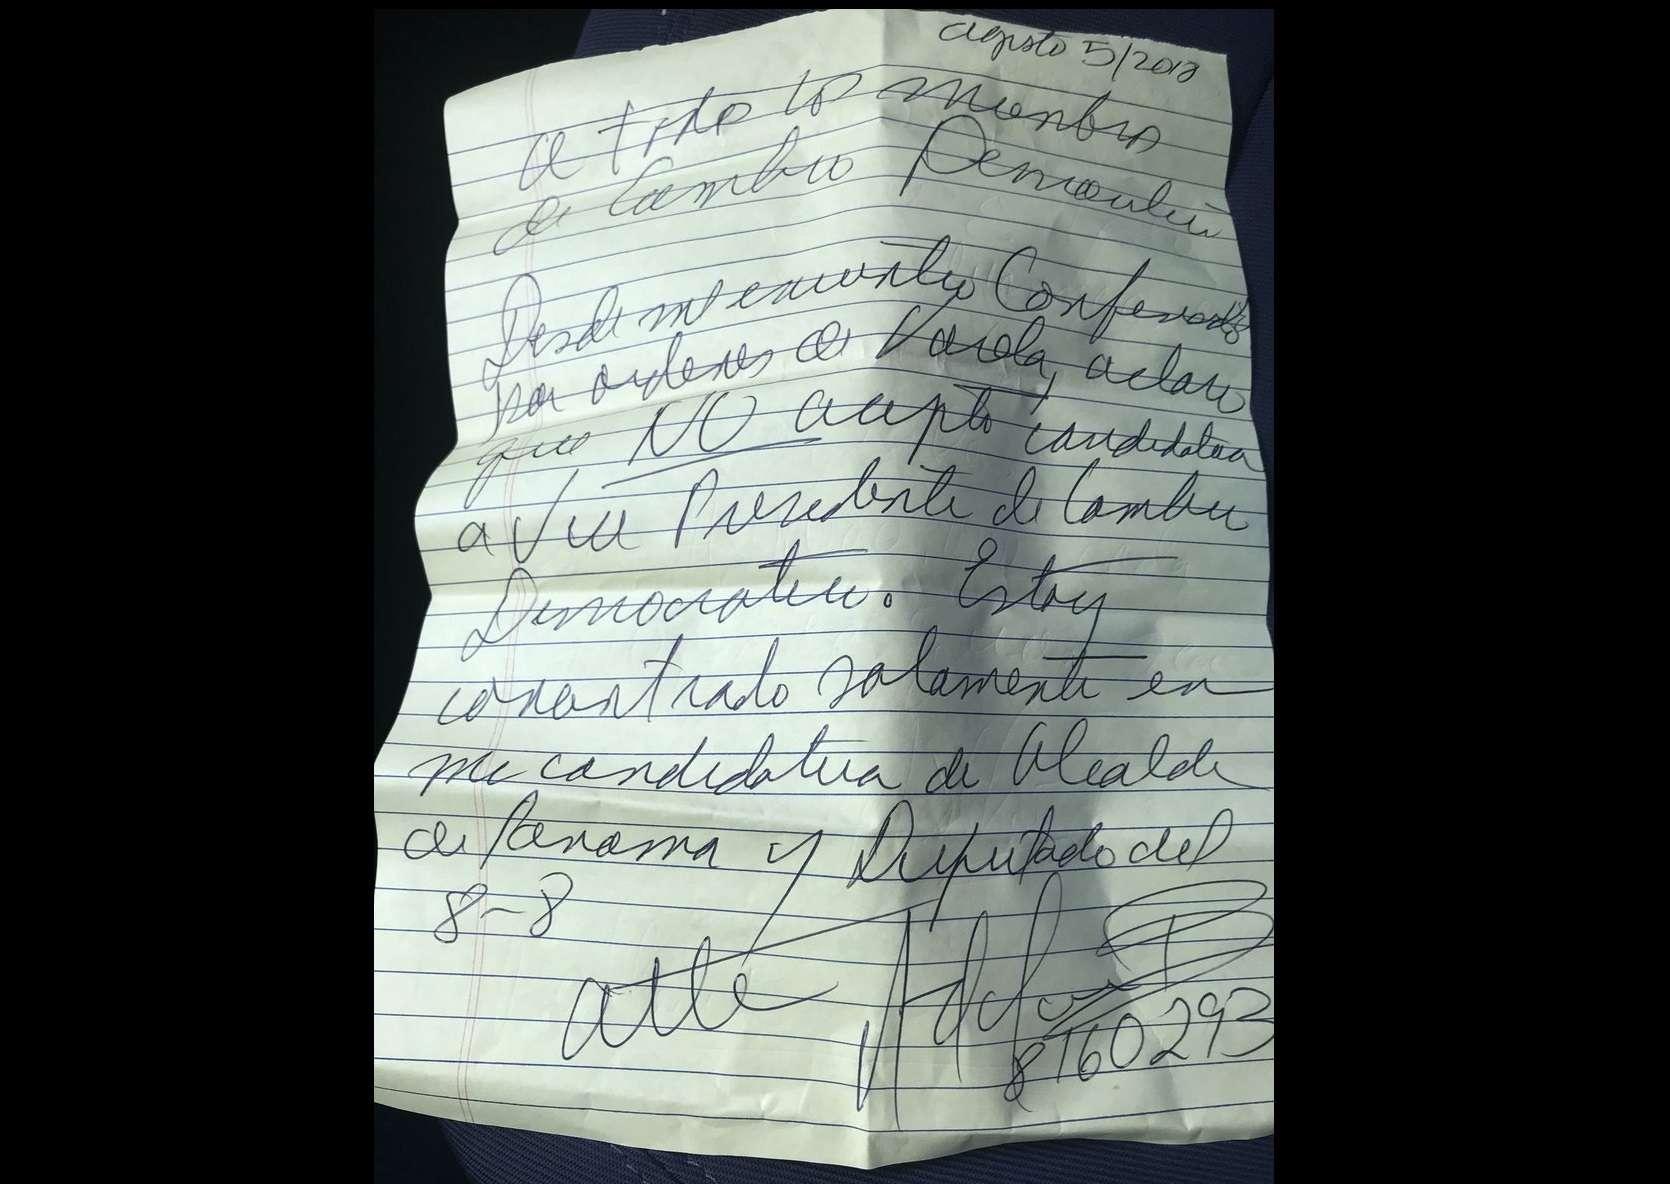 Imagen de una carta escrita a puño y letra del expresidente Ricardo Martinelli.